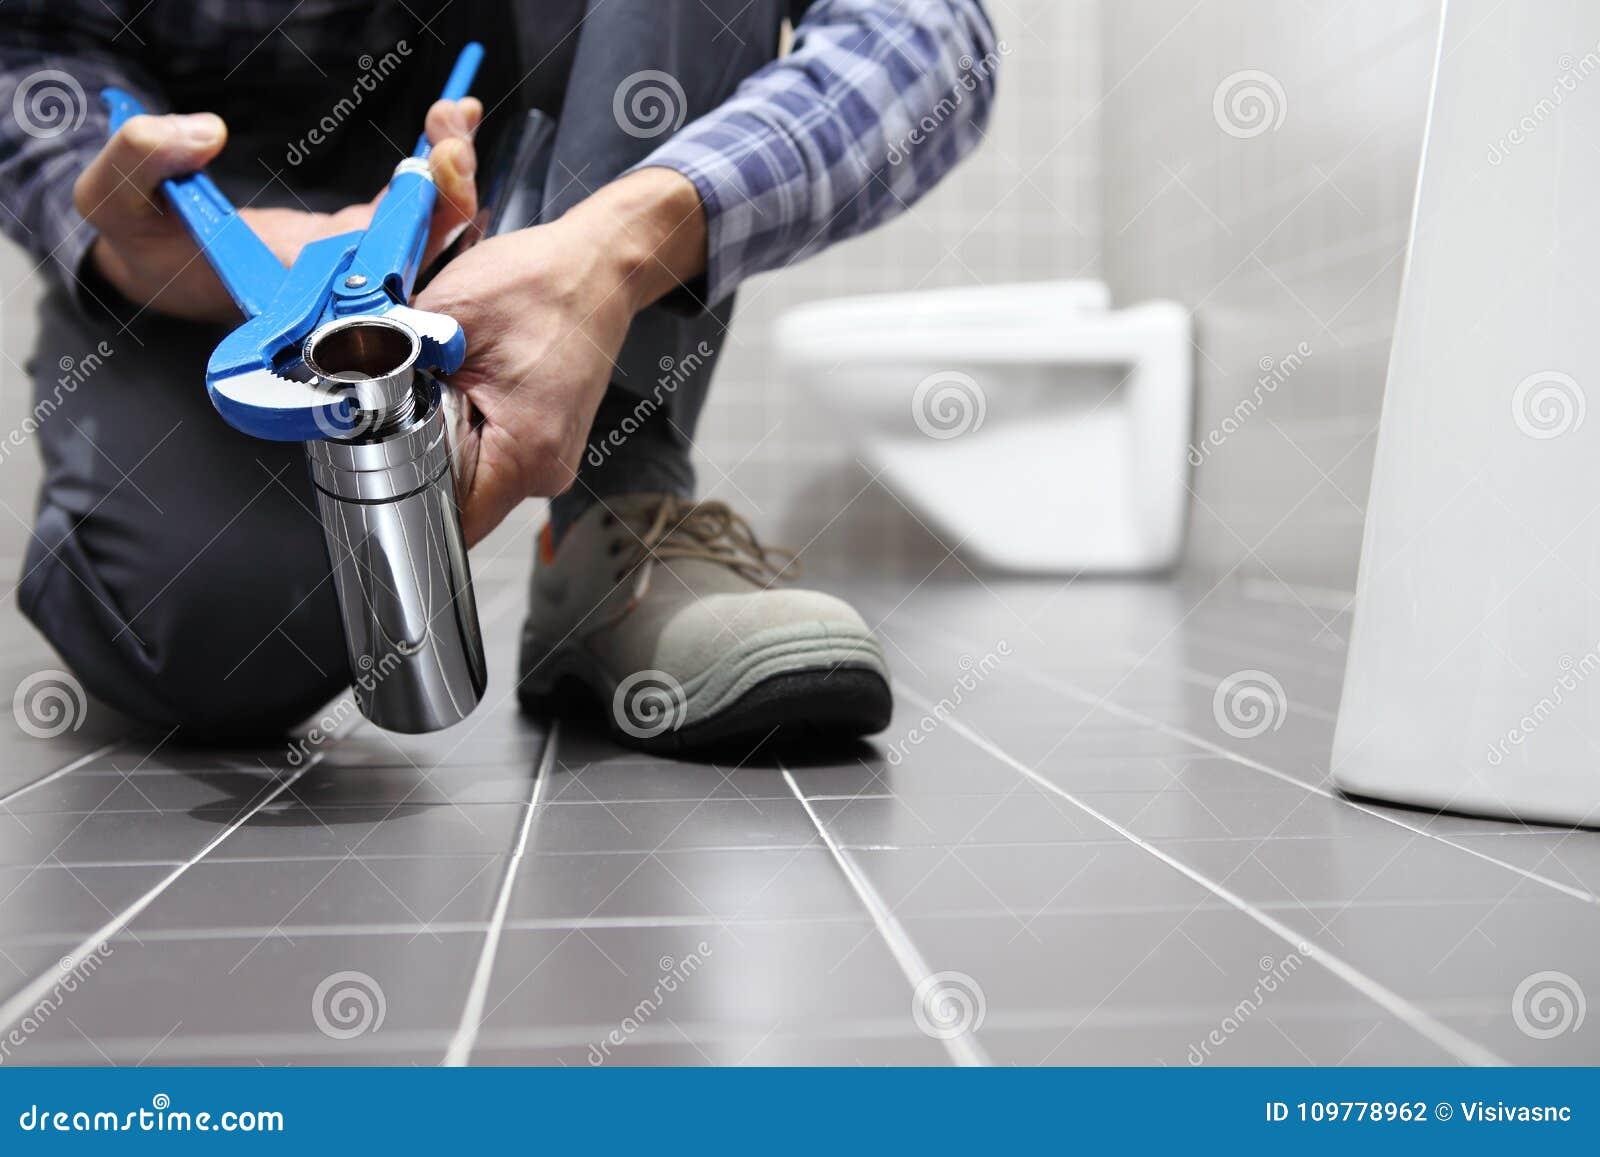 Remet le plombier au travail dans une salle de bains, mettant d aplomb le service des réparations, As